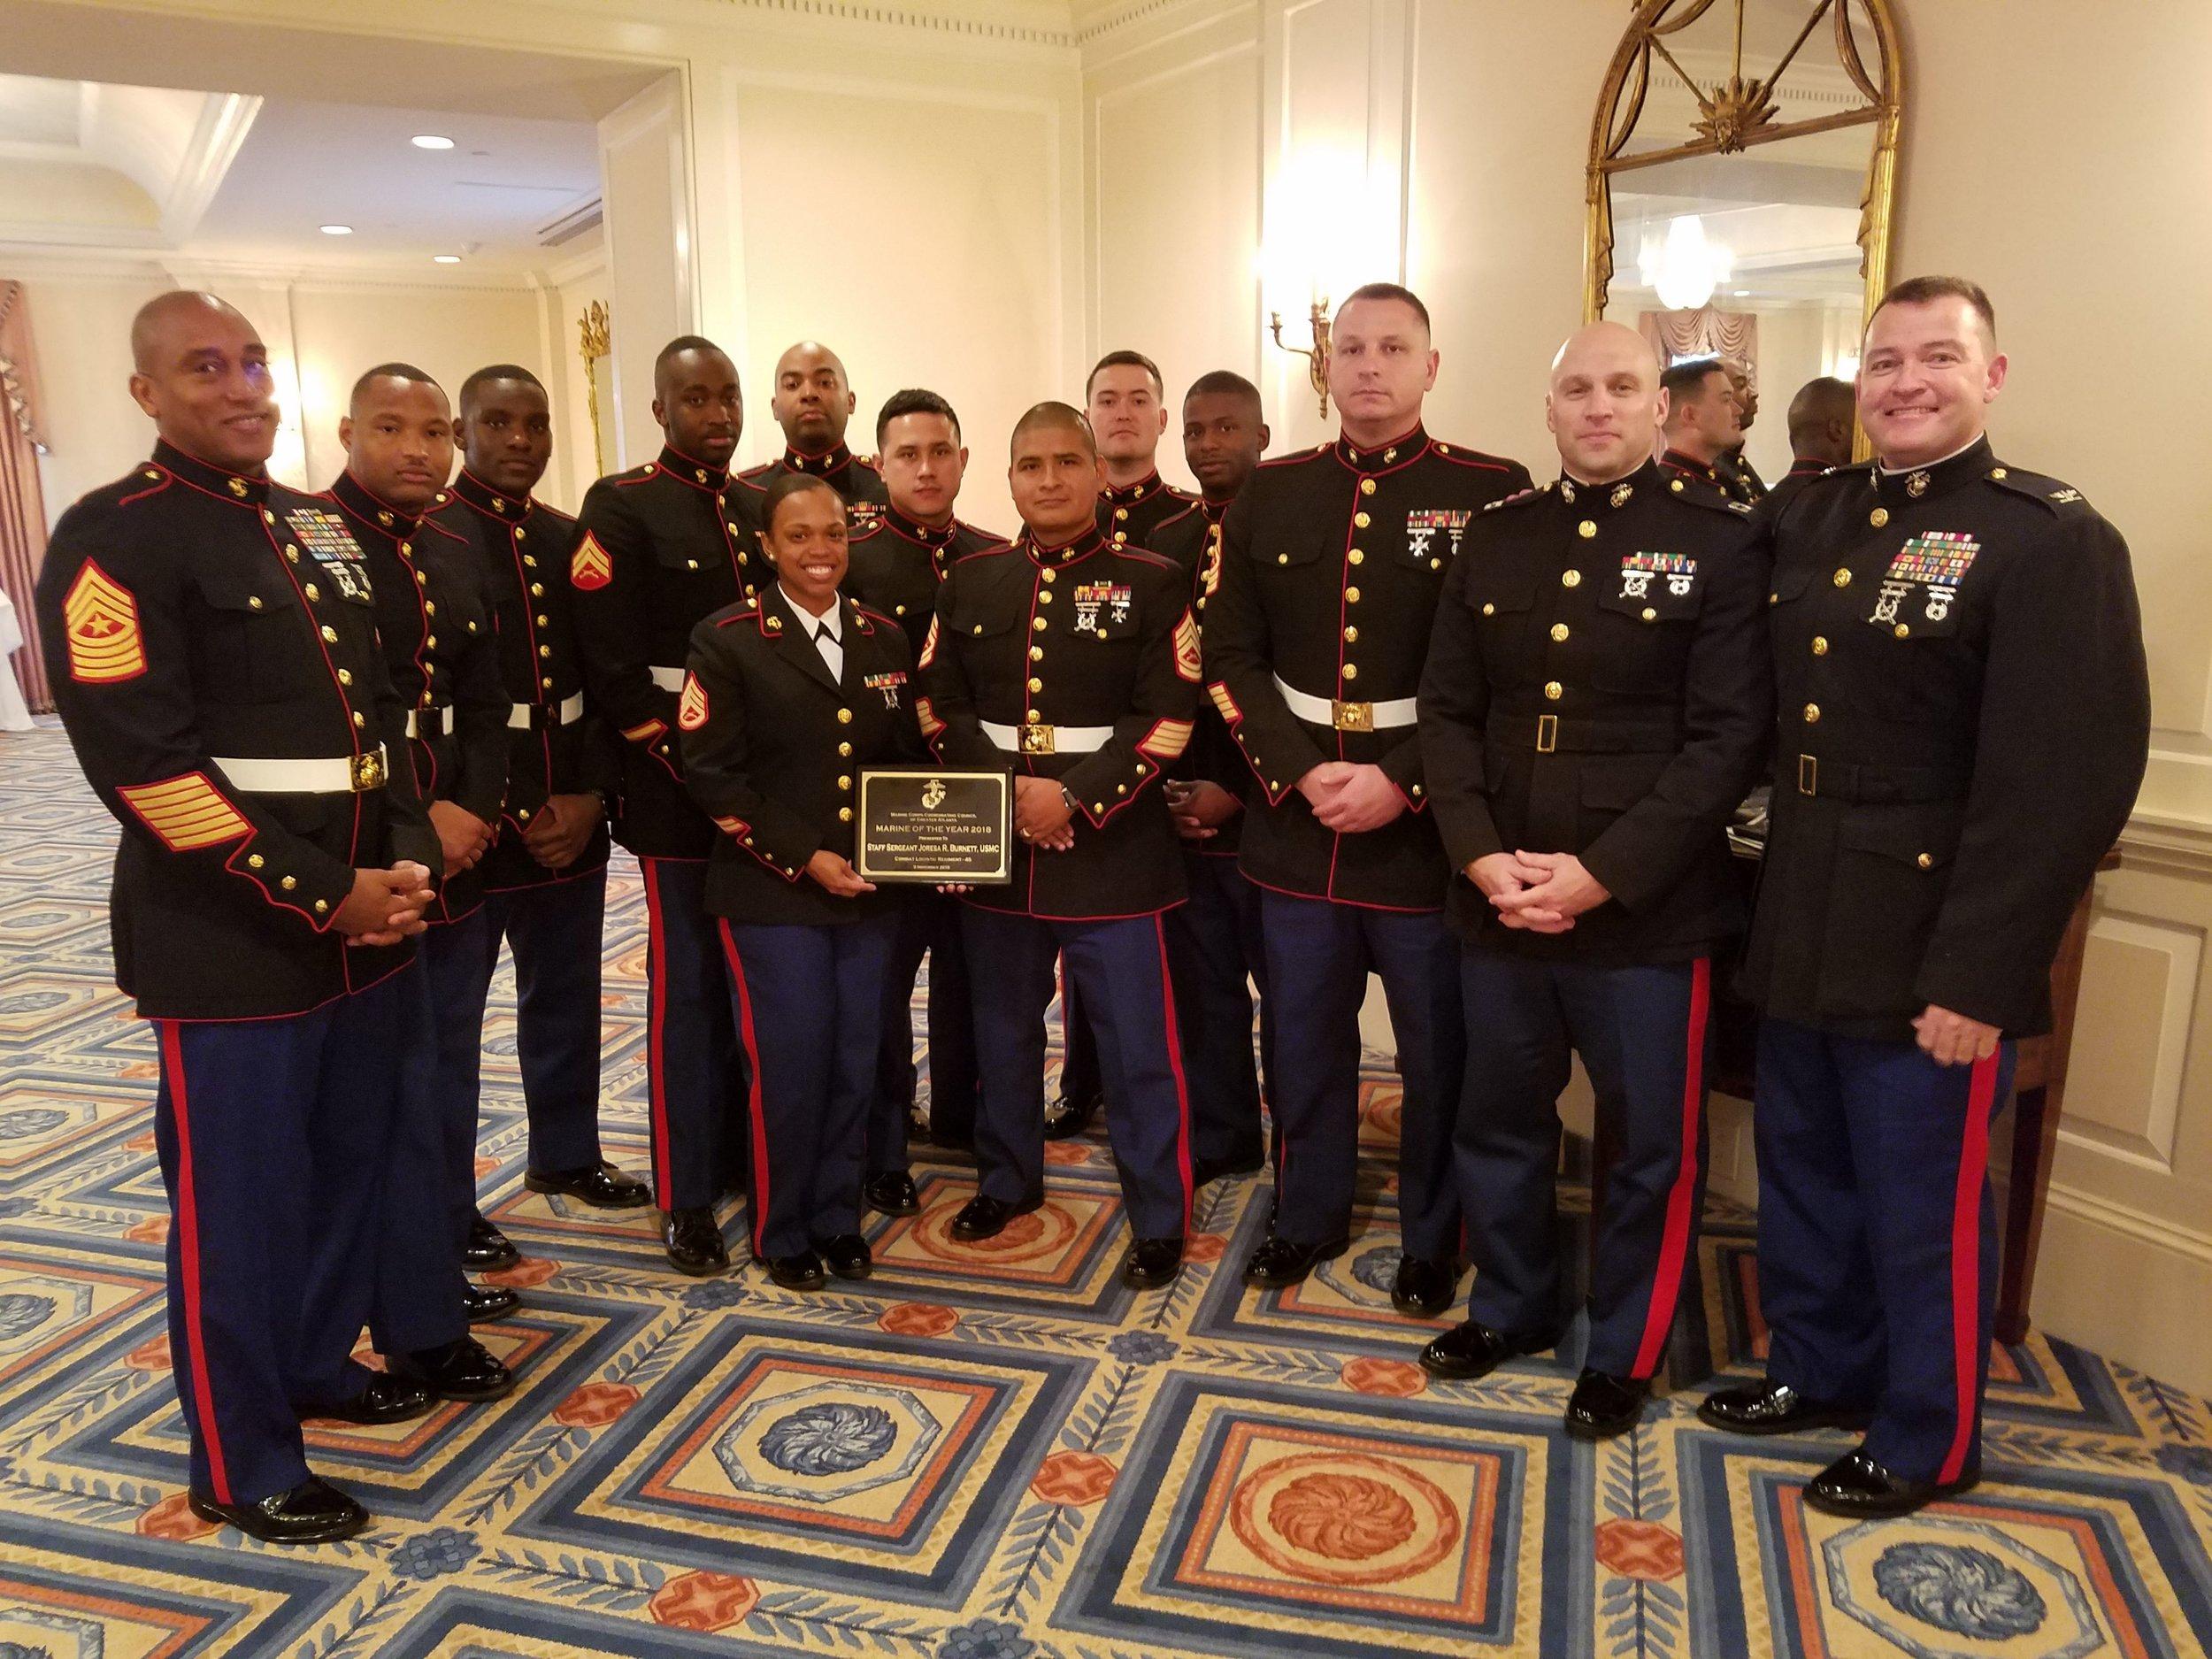 USMC Birthday 2018 - 2018-11-09 19.03.48 (Betsy S.).jpg